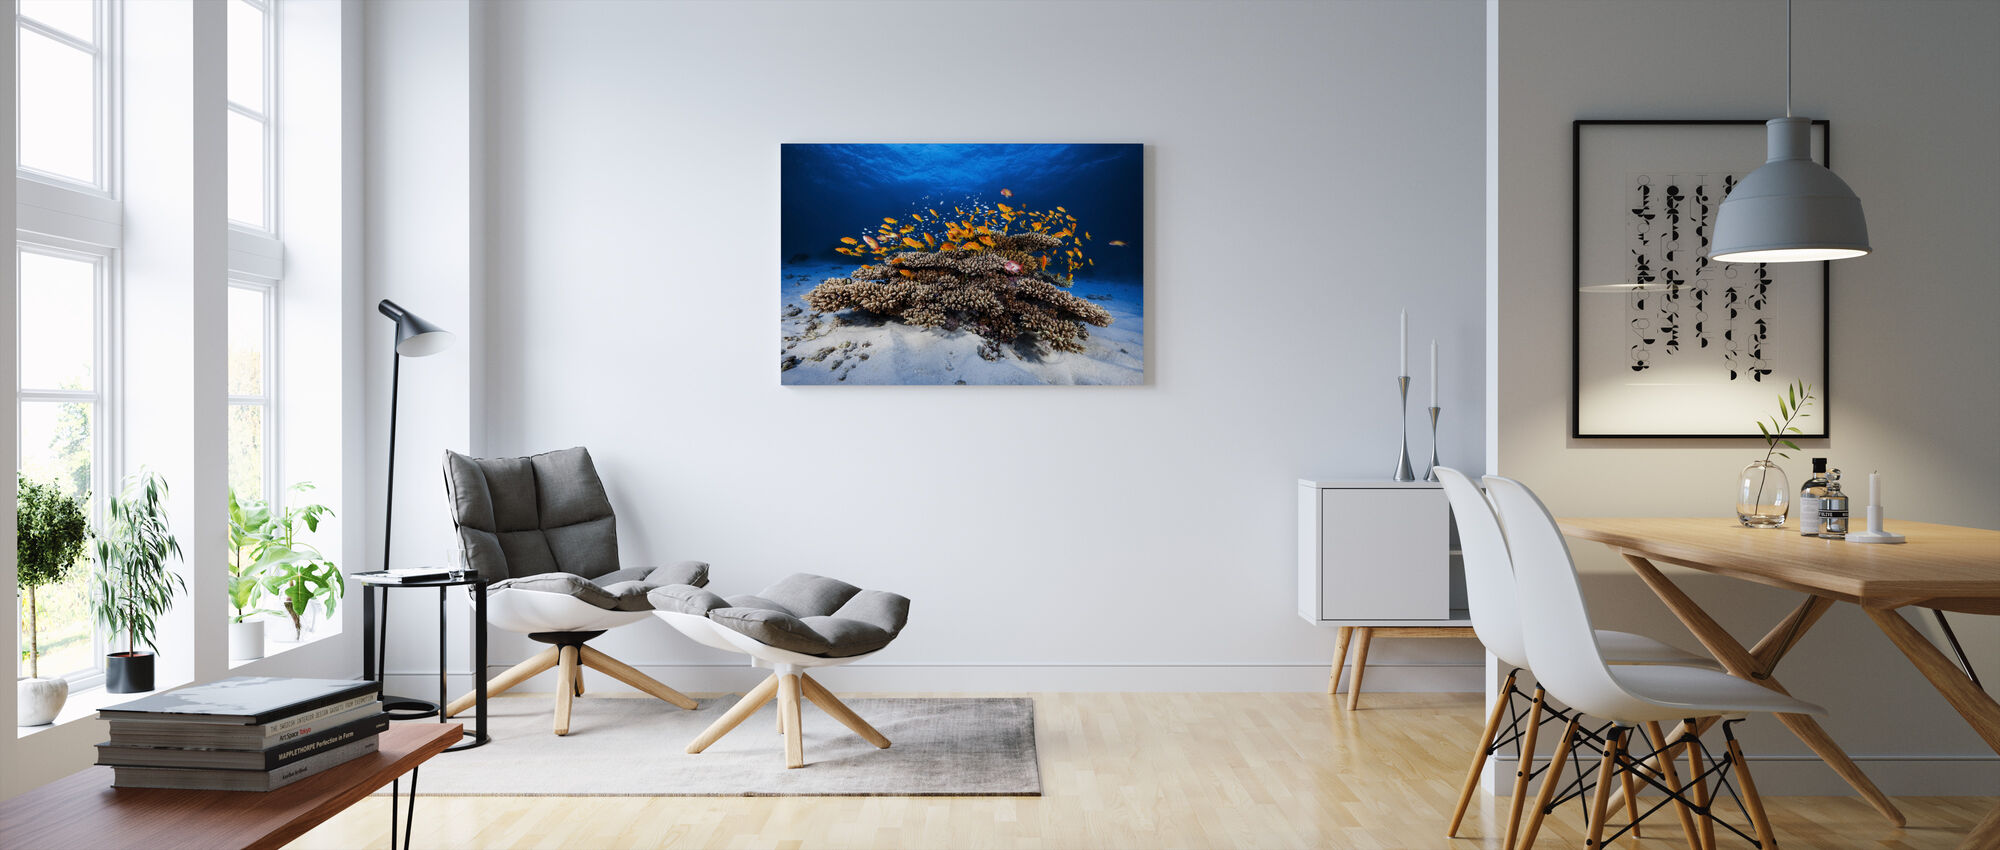 Meren elämä - Canvastaulu - Olohuone